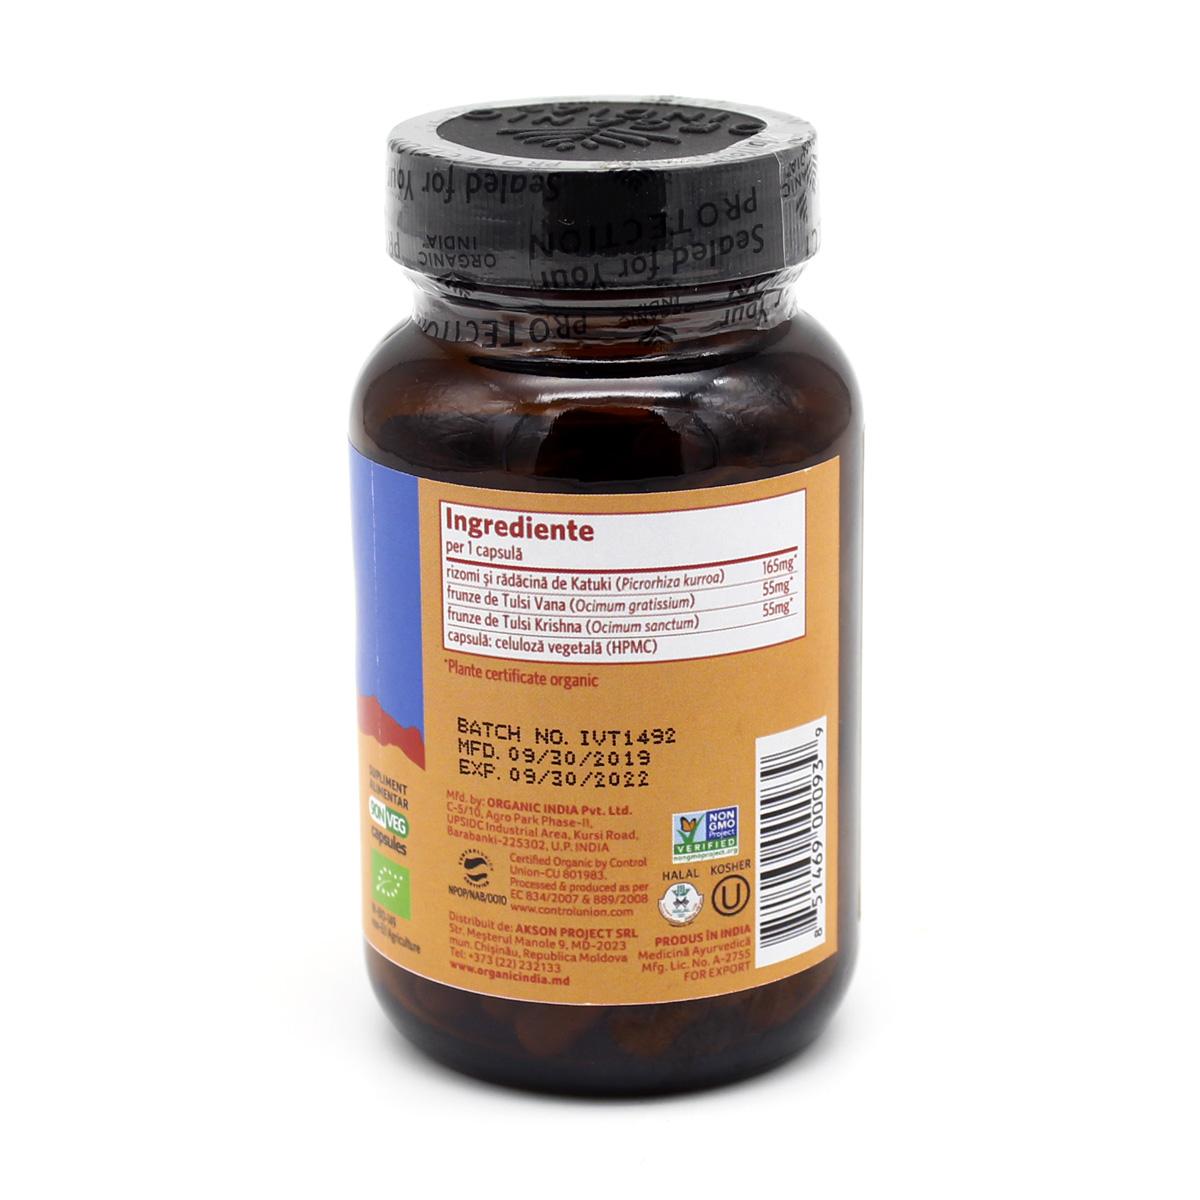 Иммьюнити (Immunity) иммуномодулирующий препарат (90 растительных капсул) Organic India